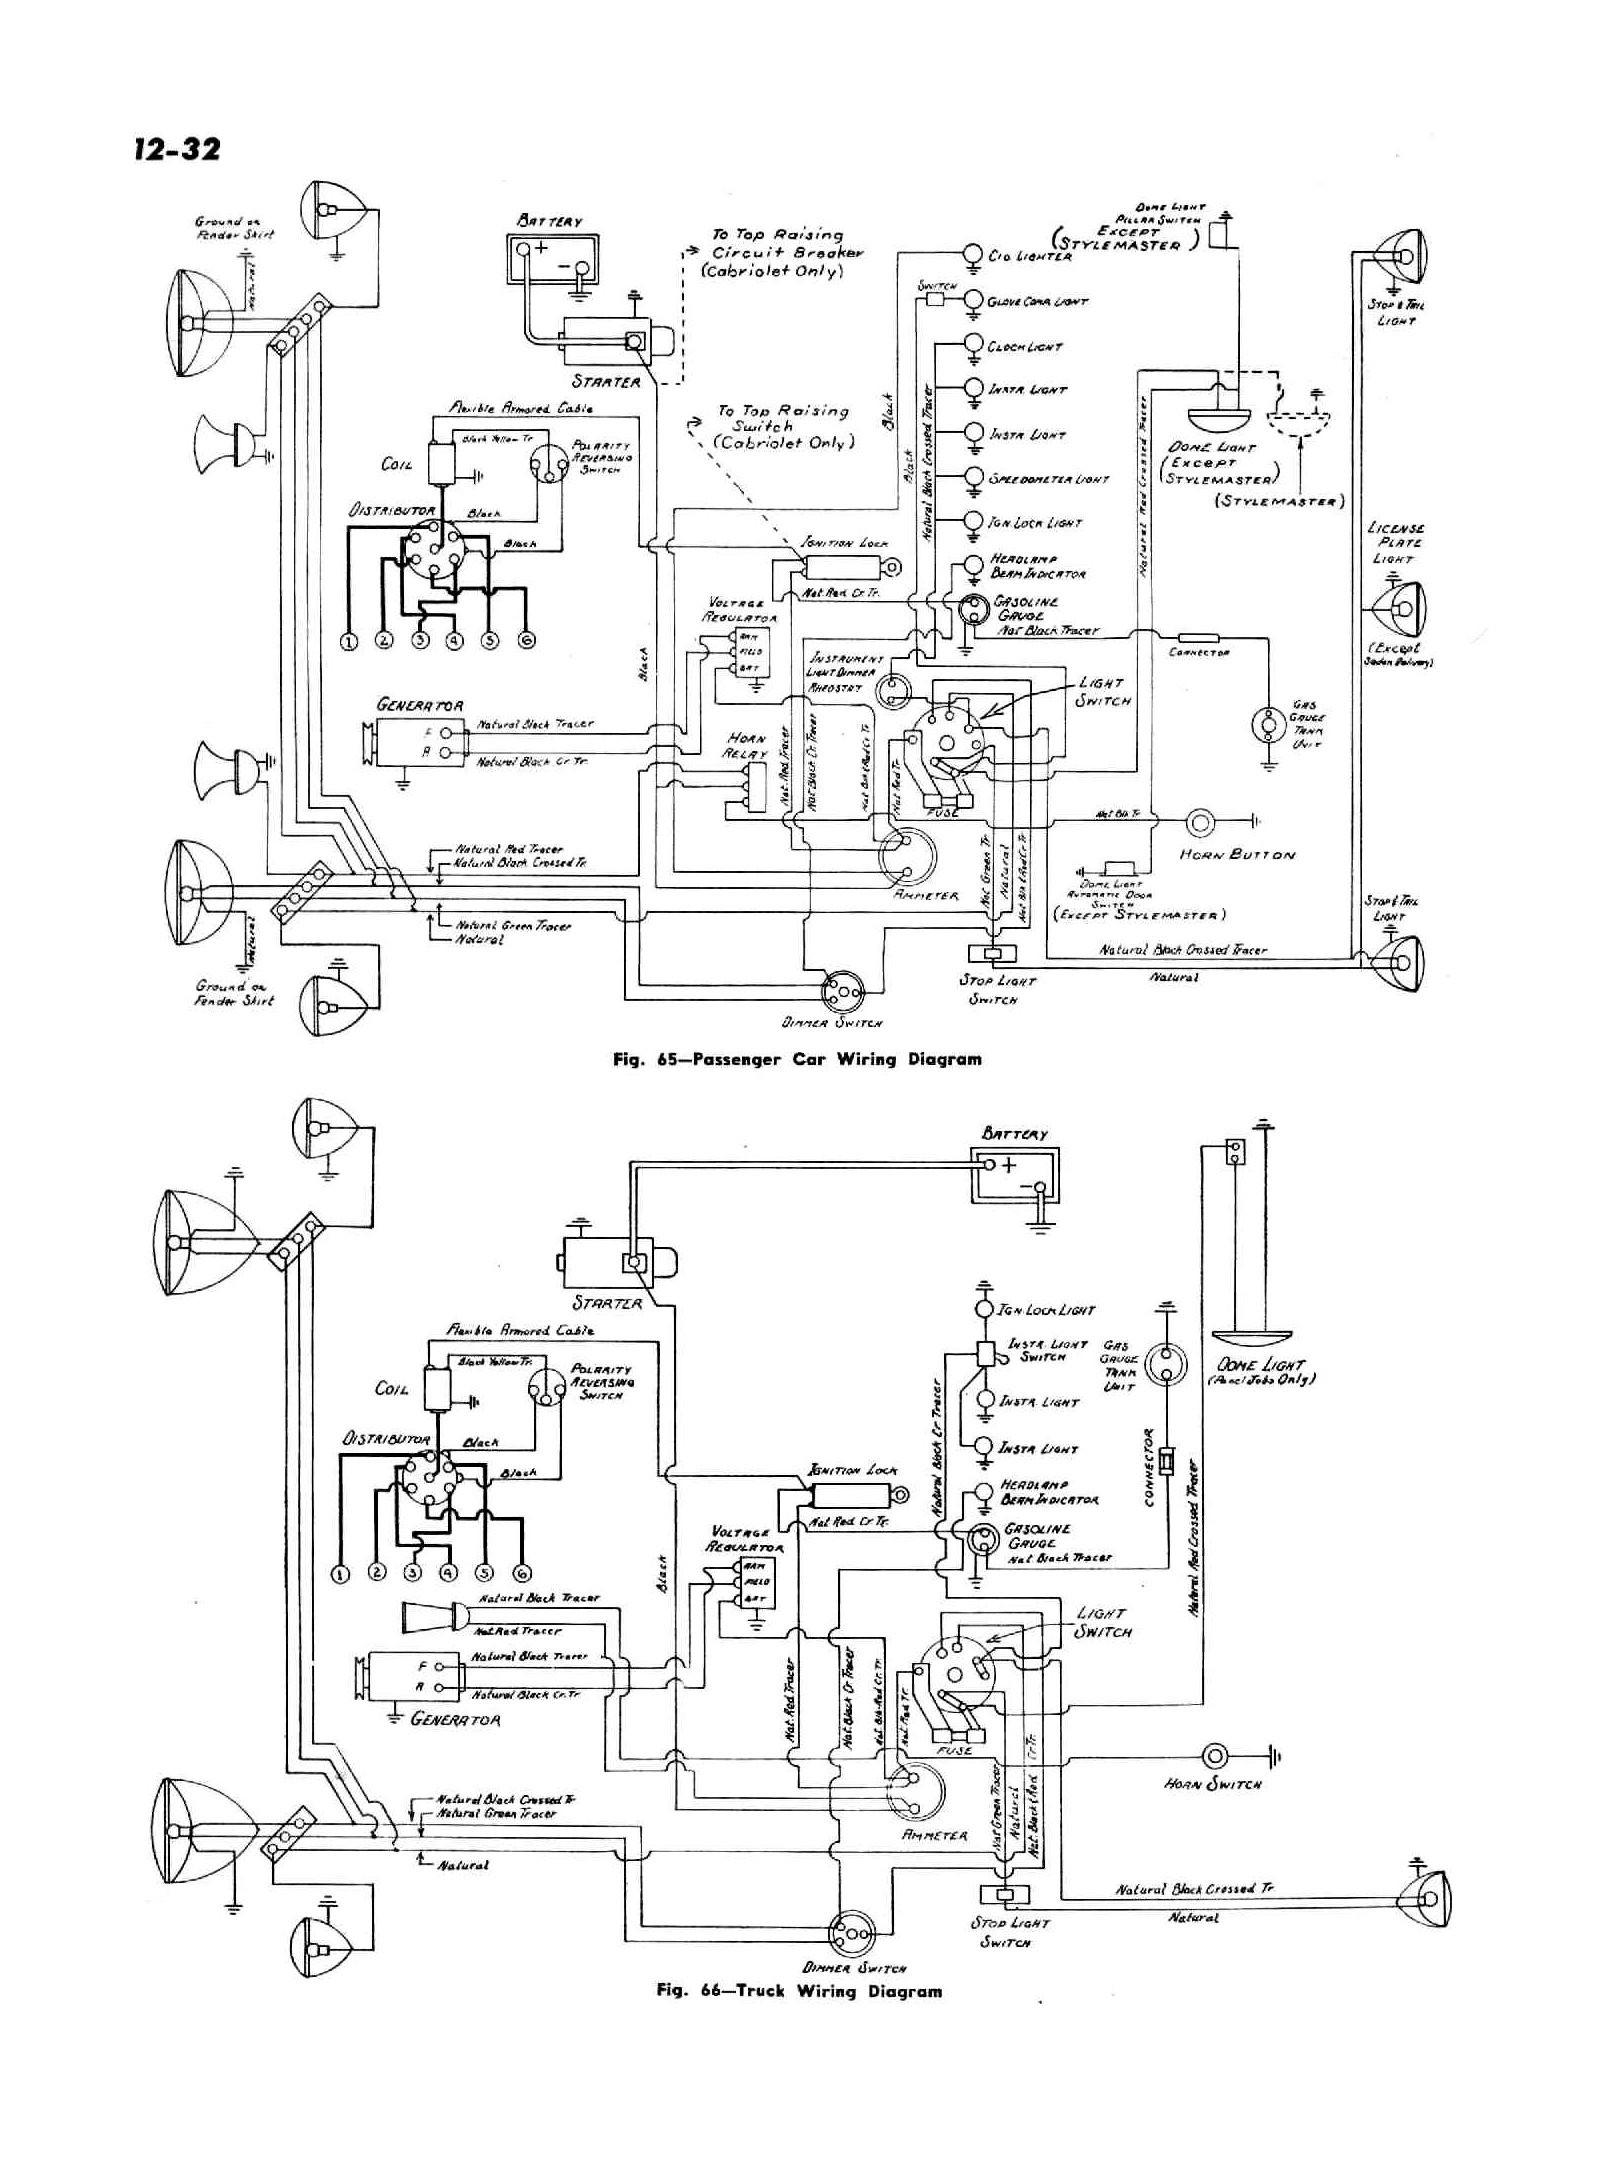 1966 chevy caprice wiring